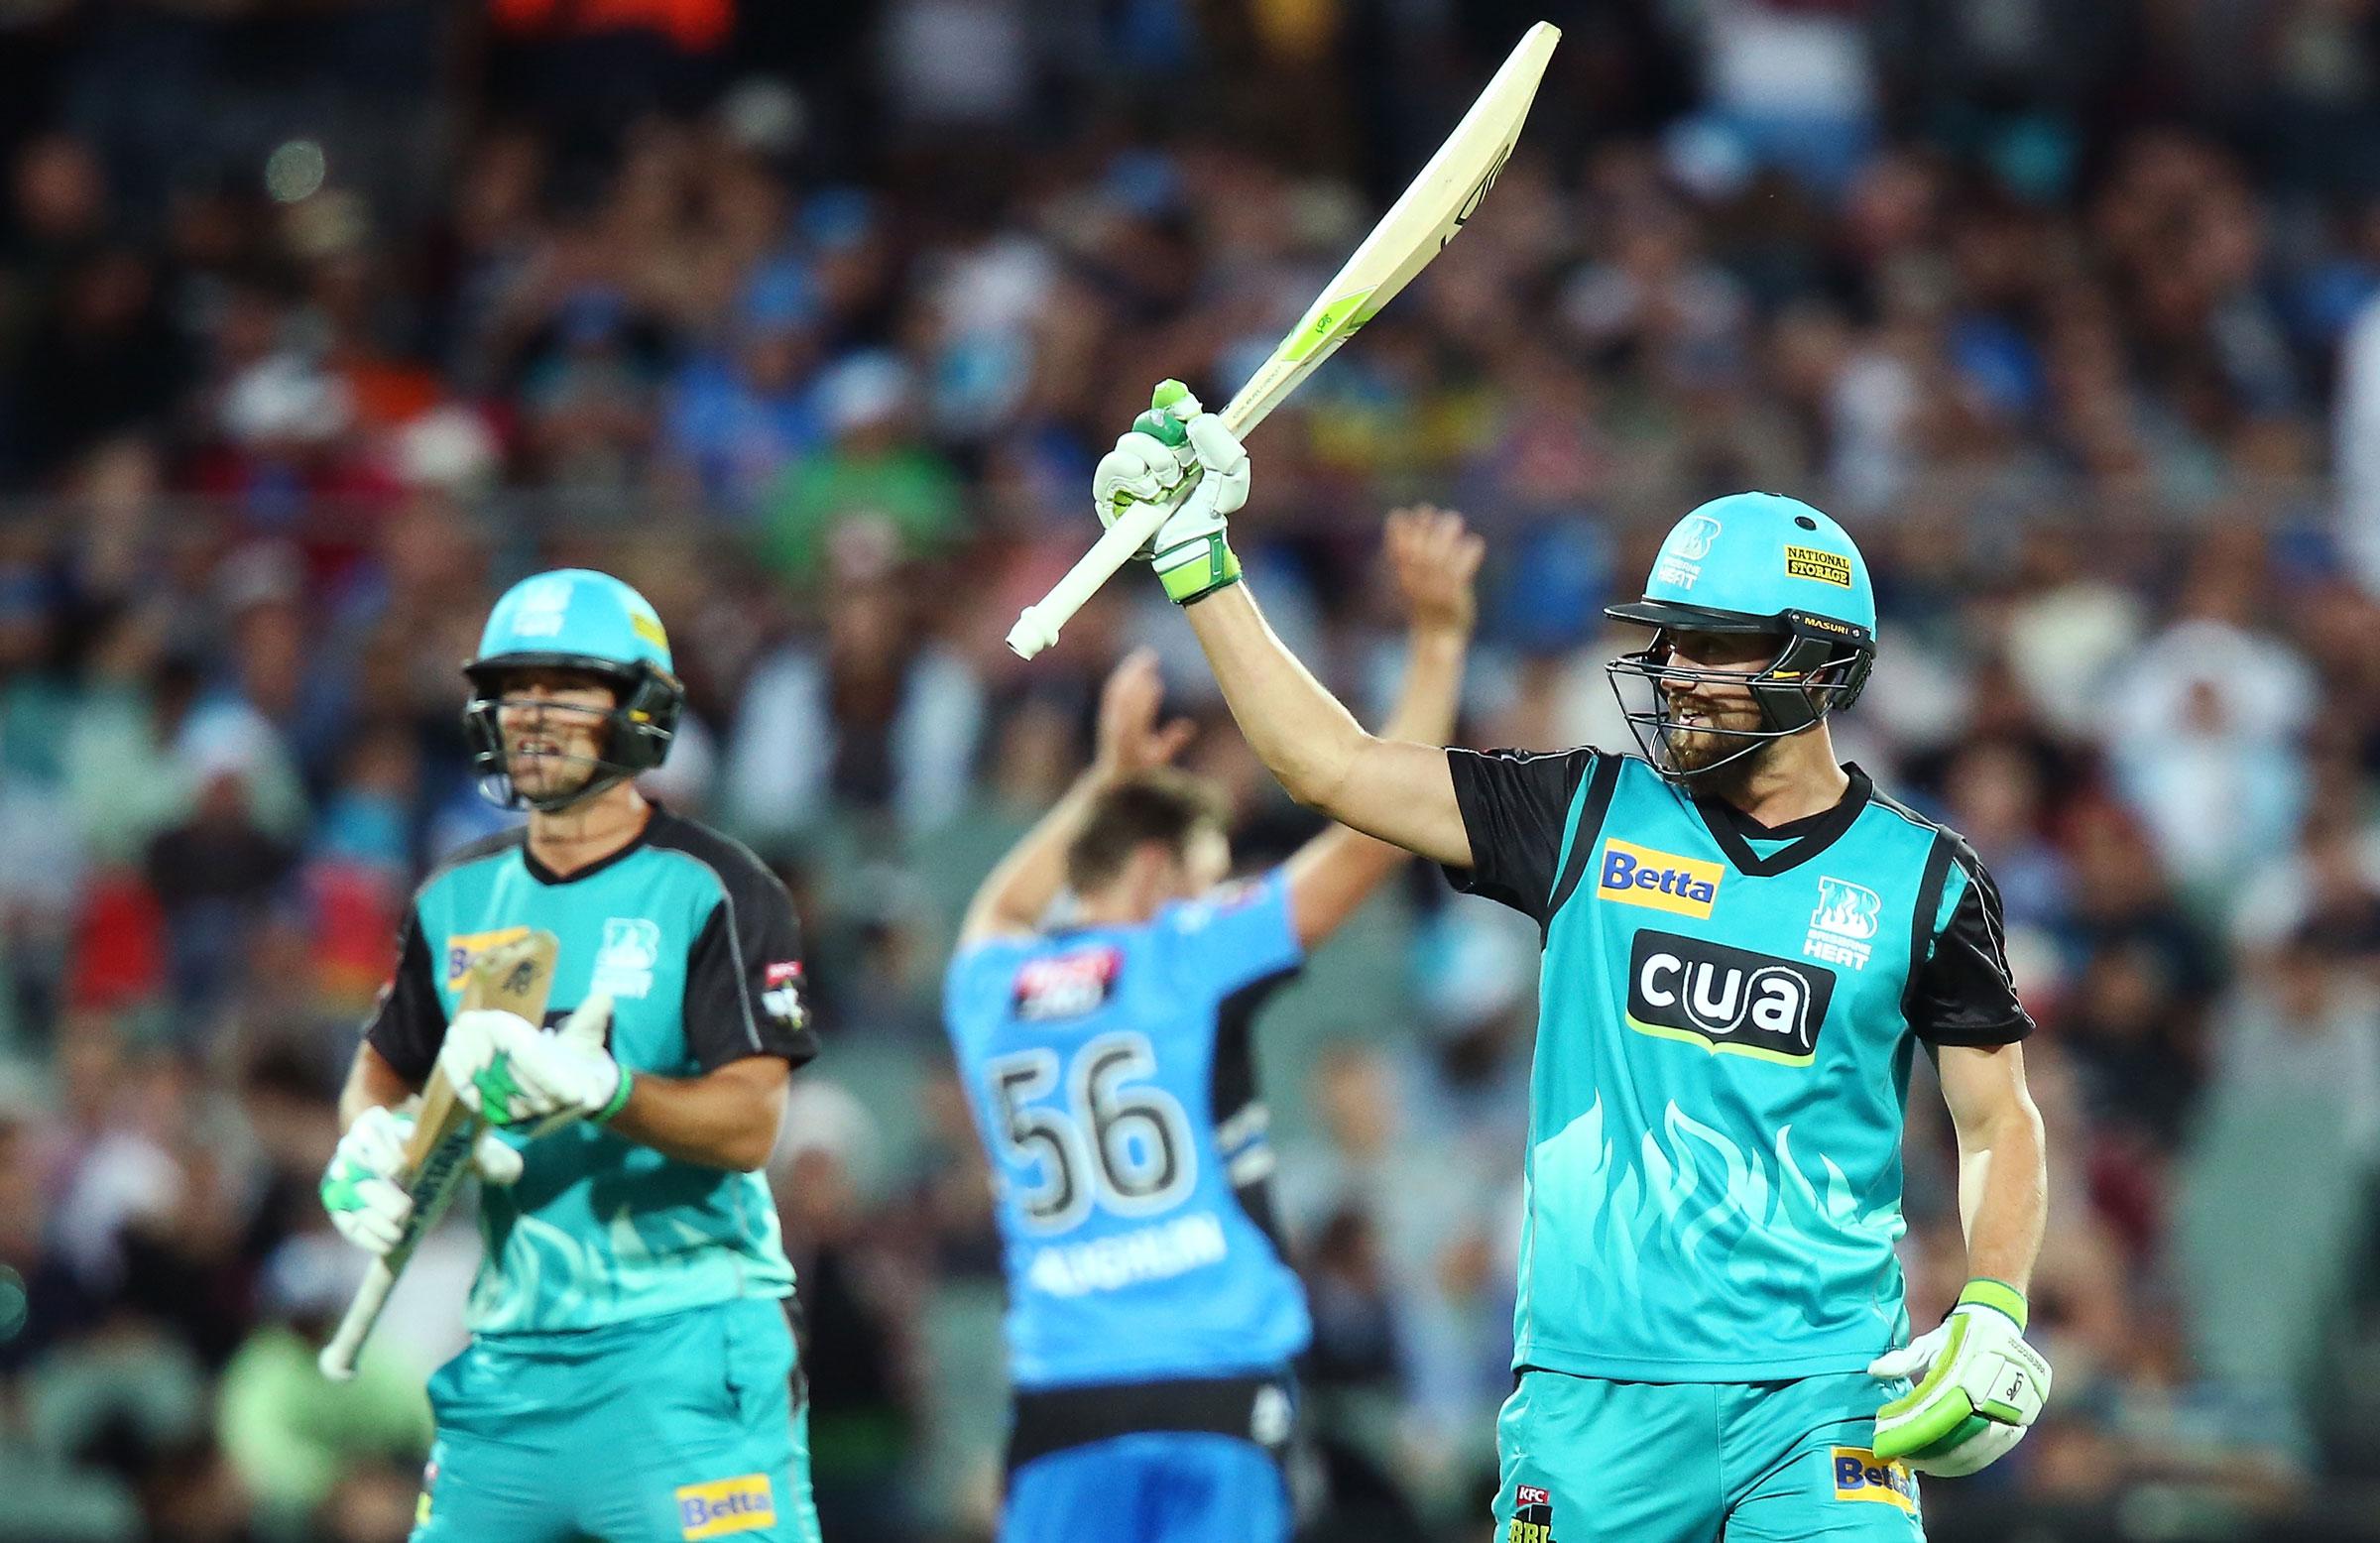 """ऑस्ट्रेलिया को मिला दूसरा """"एबी डिविलियर्स"""", घरेलू क्रिकेट में की इस बड़े रिकॉर्ड की बराबरी"""